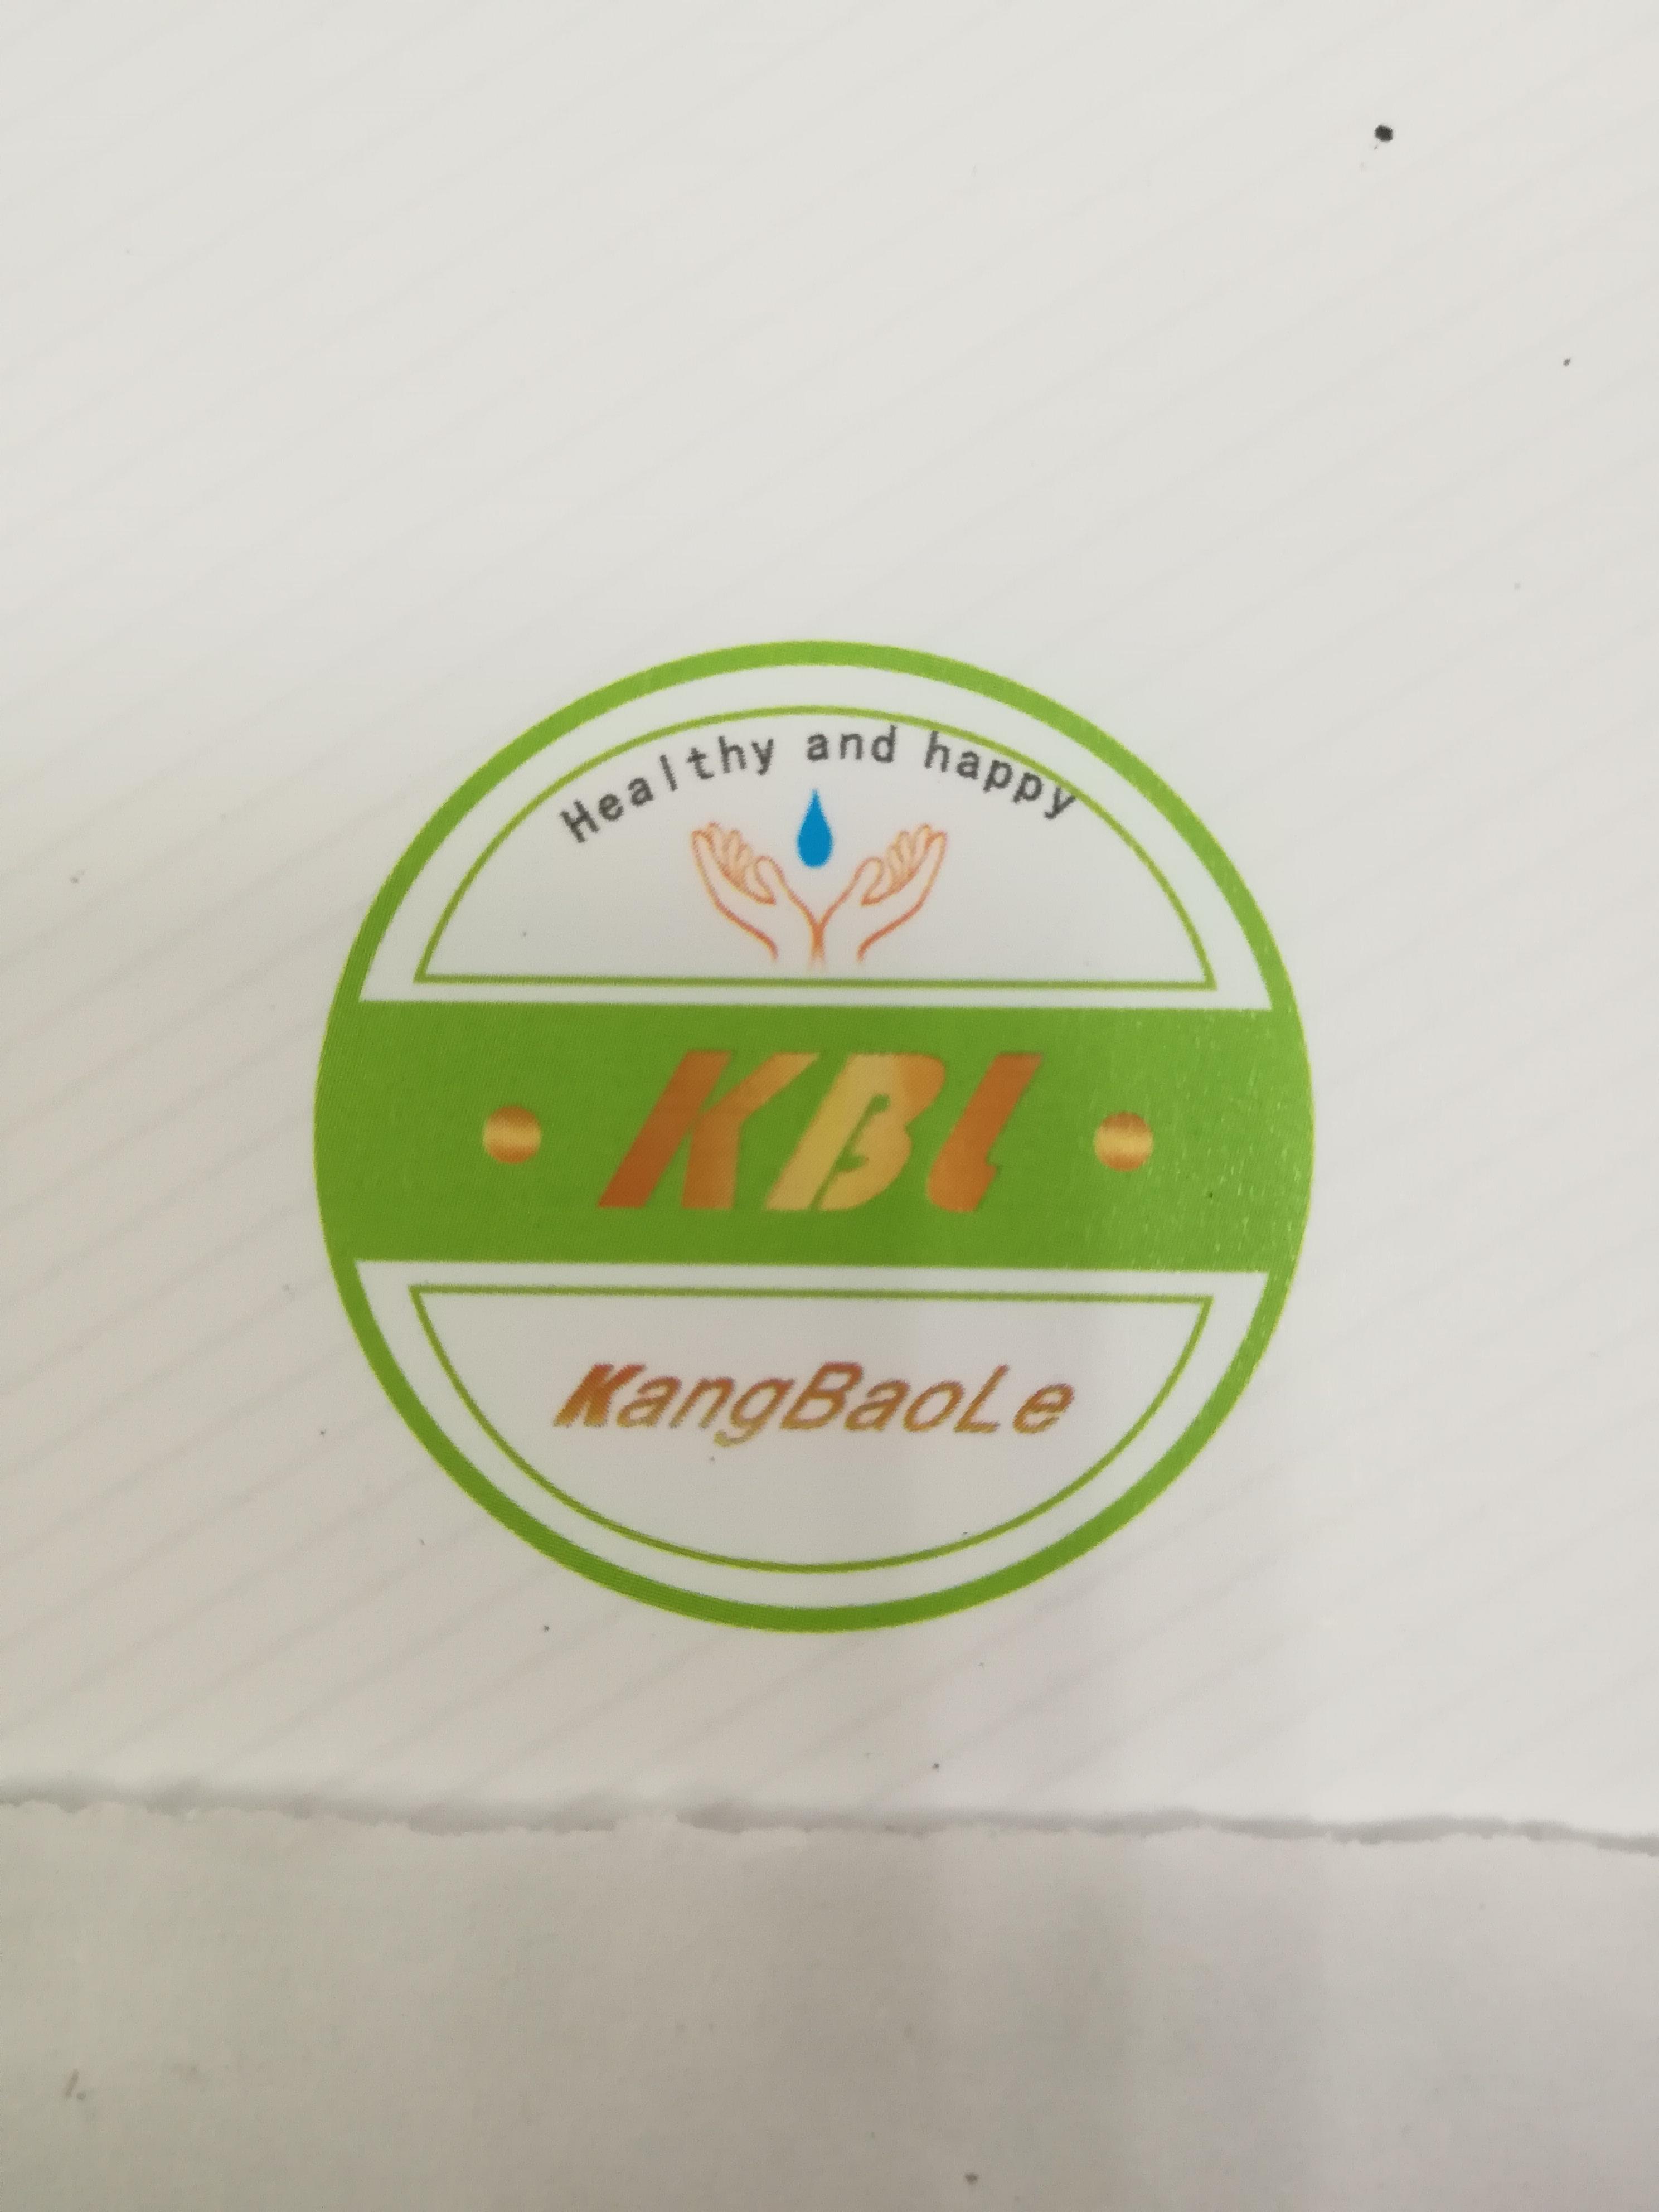 成都康宝乐科技有限公司-2018中国国际福祉博览会暨中国国际康复博览会